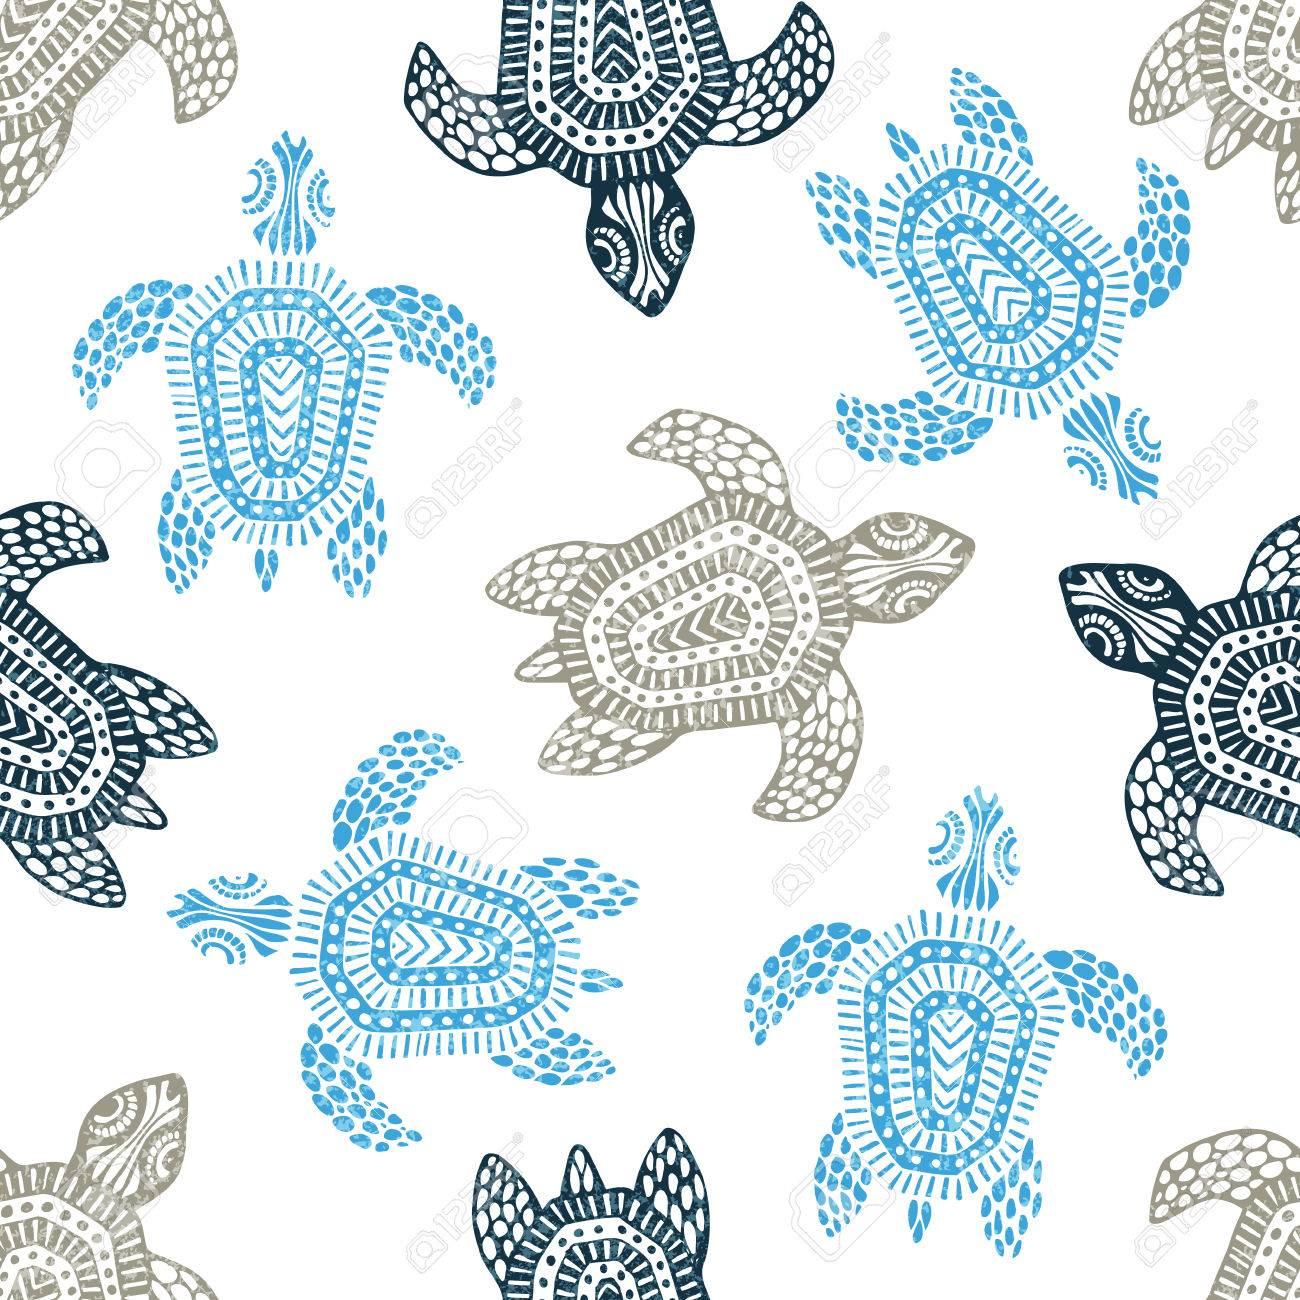 Schildkröten - Nahtlose Muster. Blaue, Graue Und Weiße Farben ...